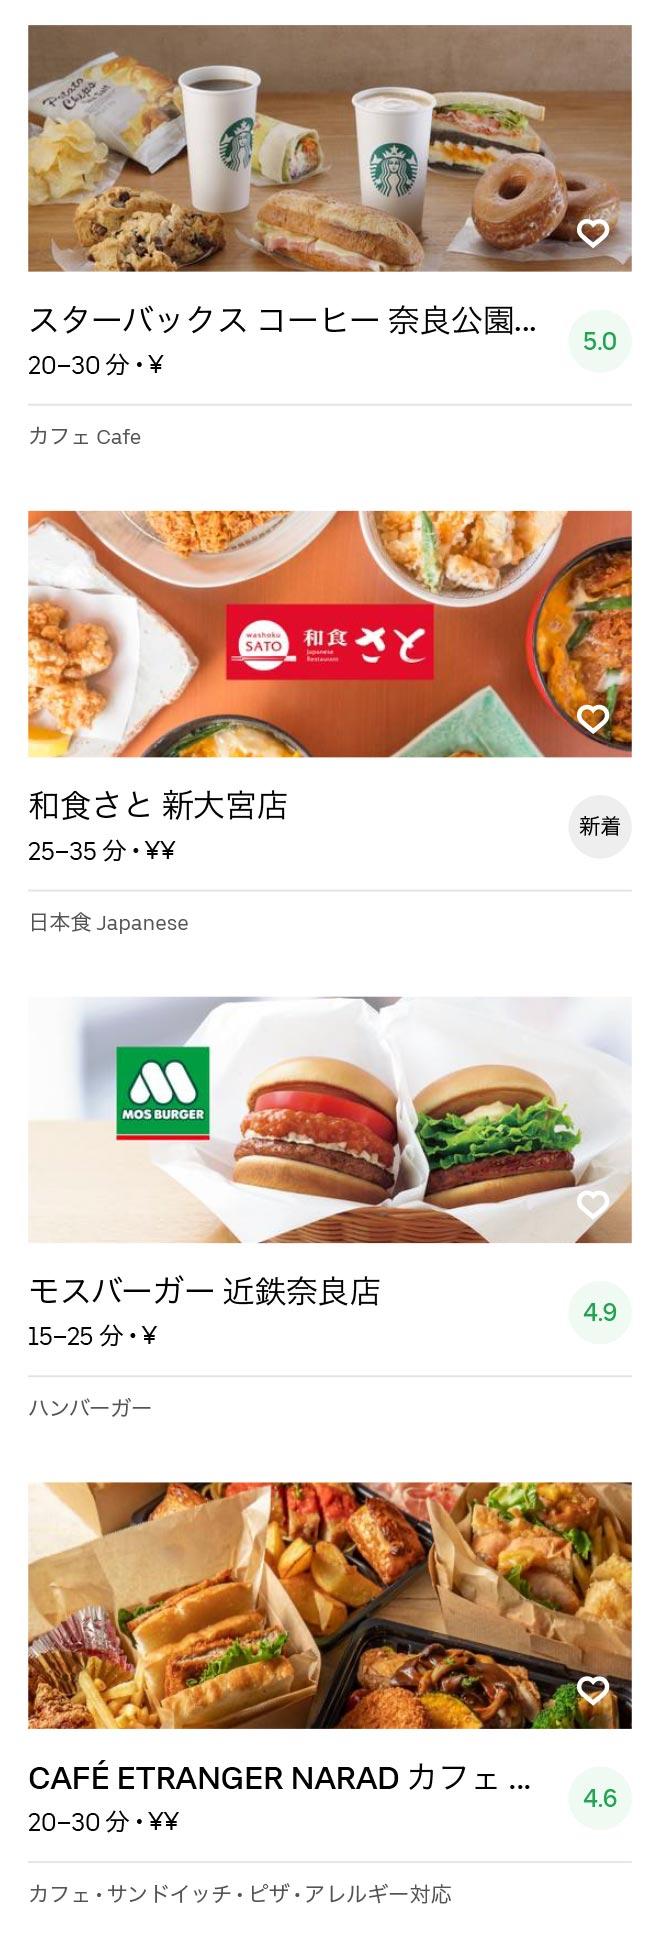 Nara menu 2007 02